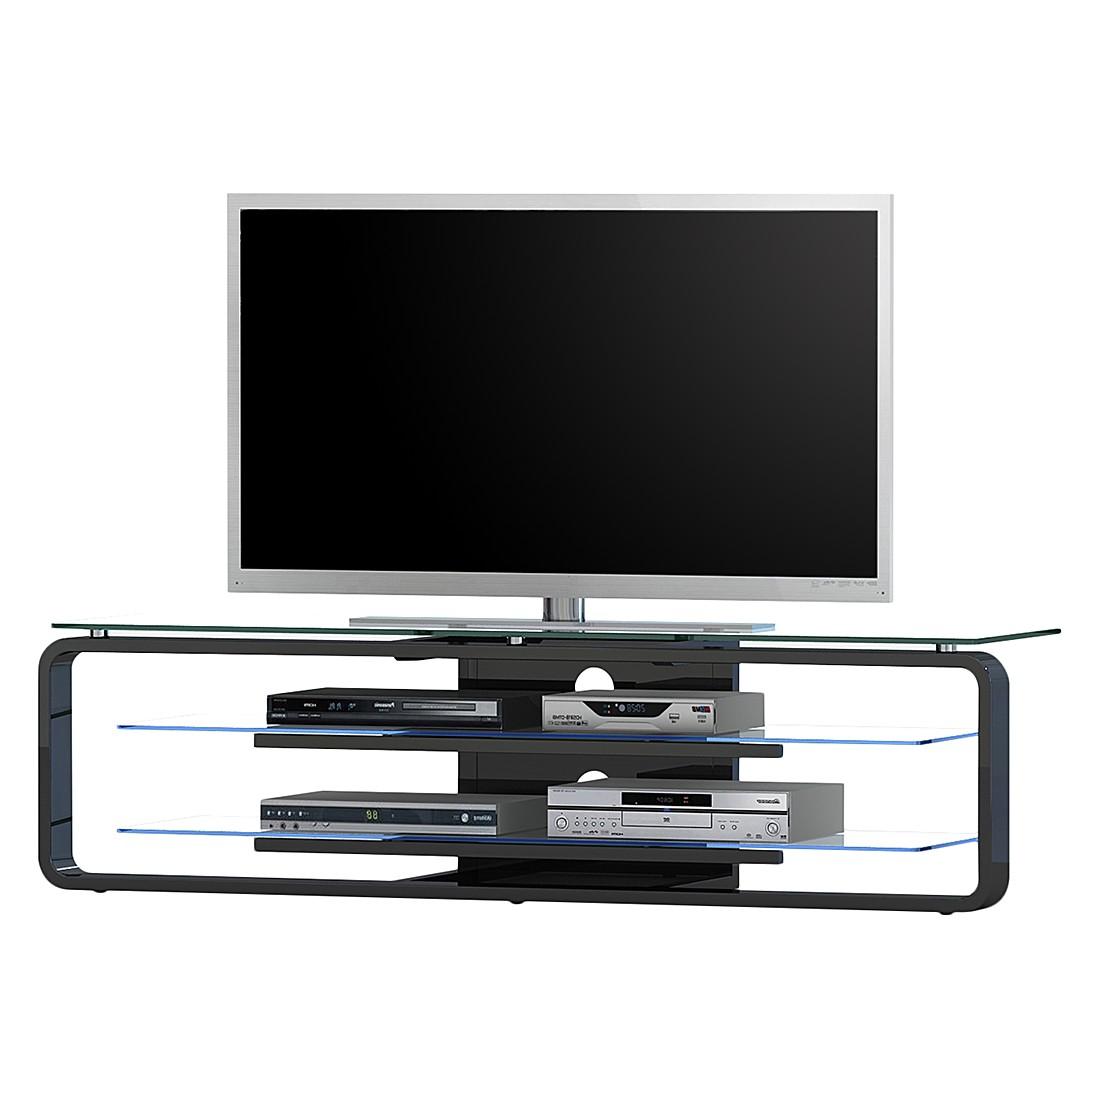 TV-Rack Wheaston (inkl. Beleuchtung) – Hochglanz Schwarz, roomscape günstig online kaufen